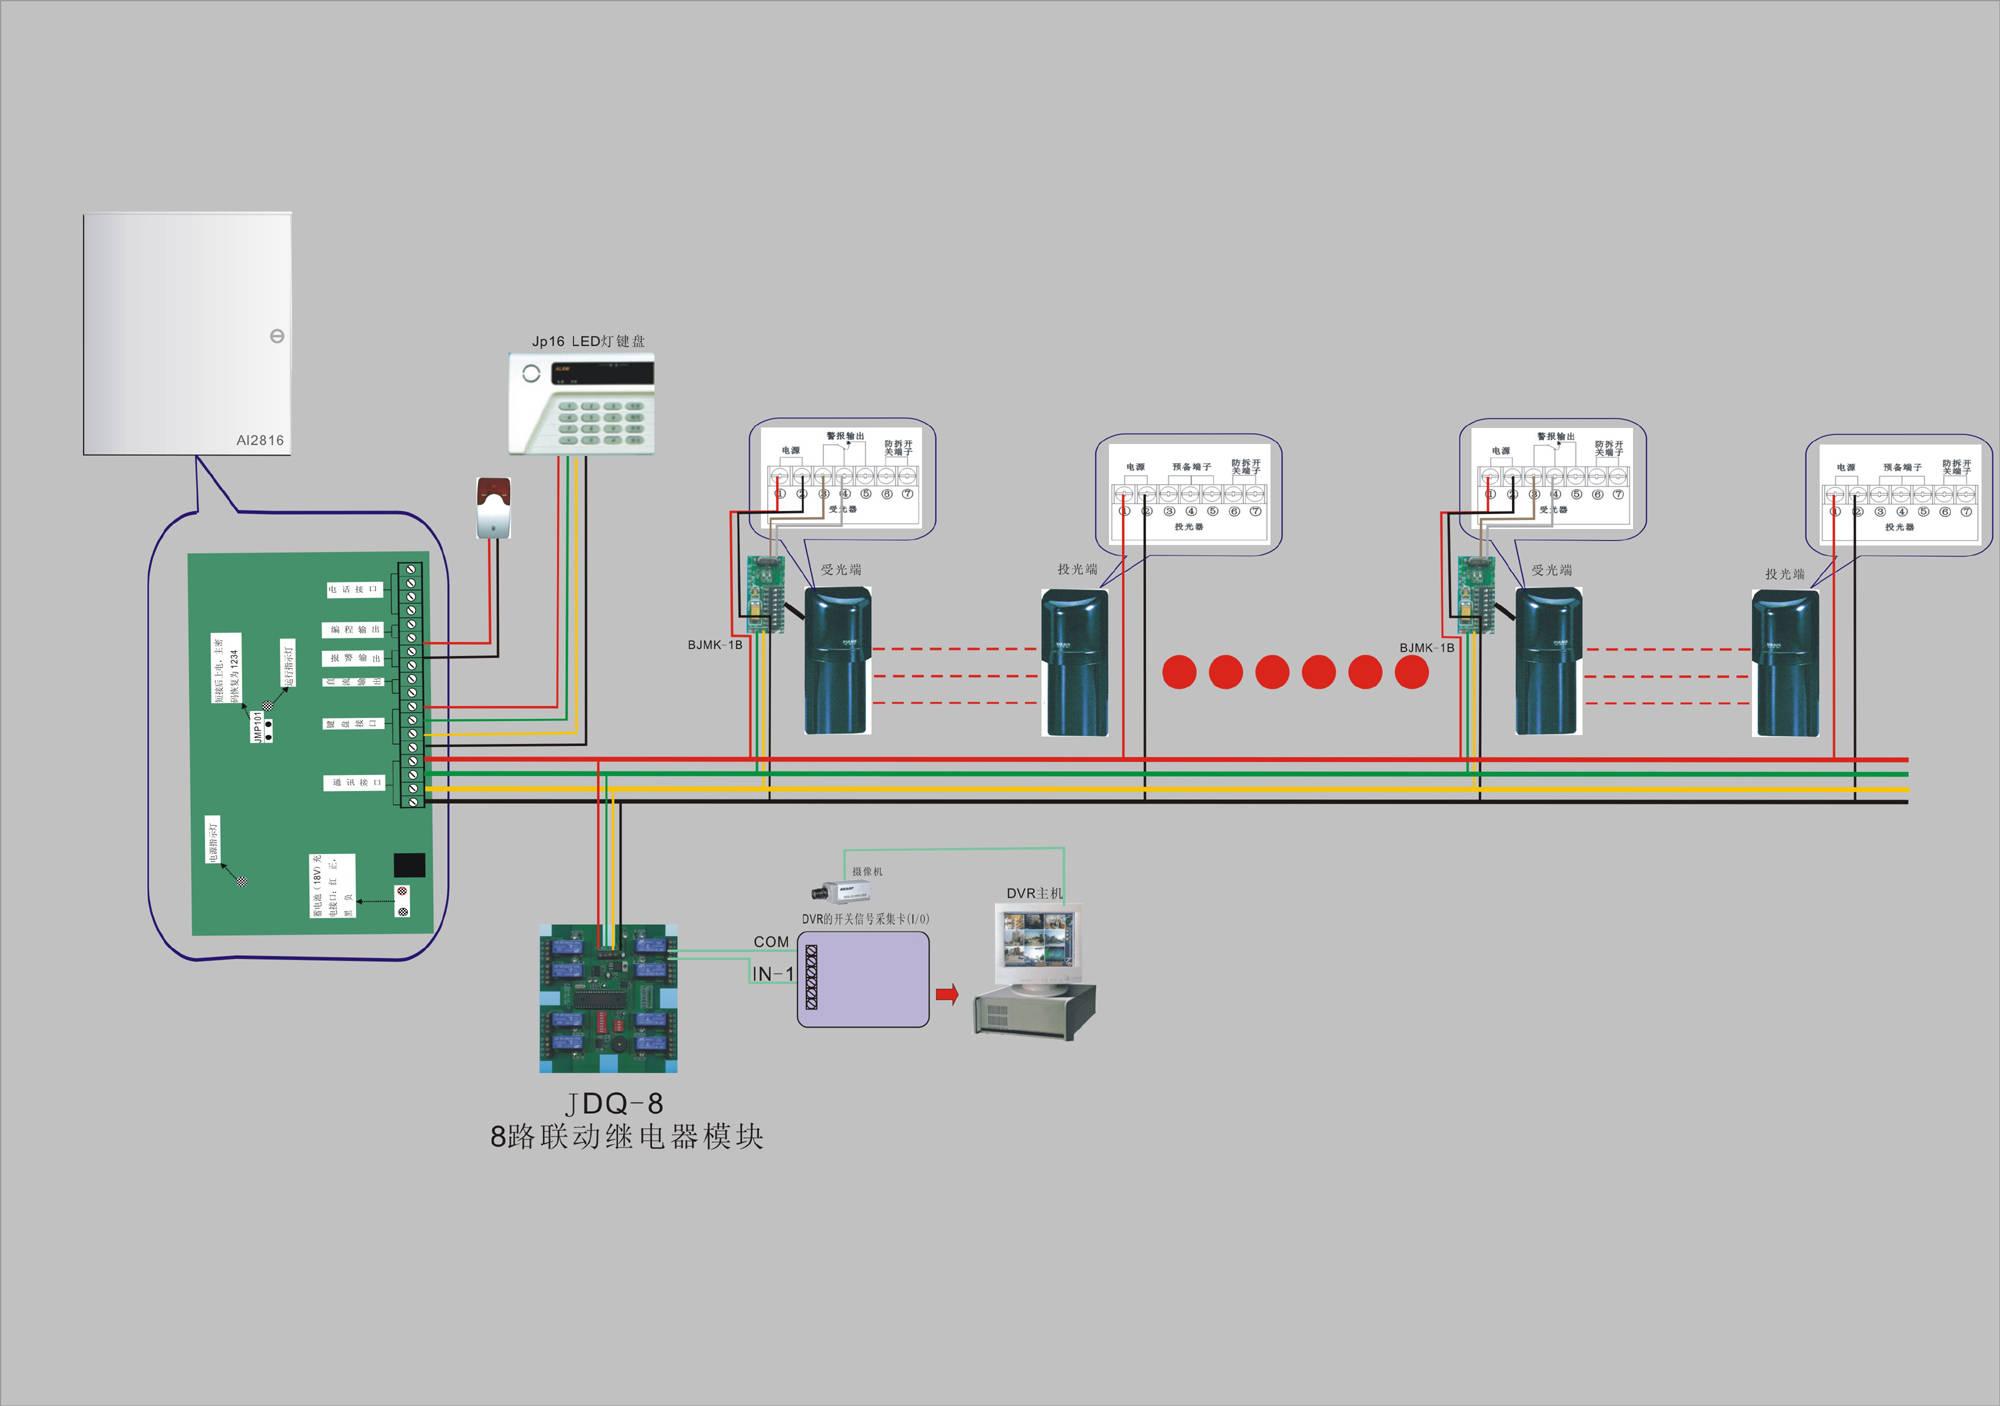 三、主要功能介绍:安装方便,无线连接,即插即用。操作简单,无线遥控。现场高分贝警笛,恐吓盗贼。门窗保护,更加安全。门铃功能,36首铃声可选。迎宾器功能。百万组进口编码芯片,无法破译。系统故障自检,欠压指示。 广州科学城神舟路885号白云蓝天科技园A栋5楼 无论是贼人登堂入室还是家中可燃气体泄漏,电子看家狗都可以第一时间电话通知您这些危险的事情,同时现场警笛大做吓退贼人,且厨房排气扇自动打开消除煤气爆炸危险同时还有无线门铃和电子迎宾器功能.